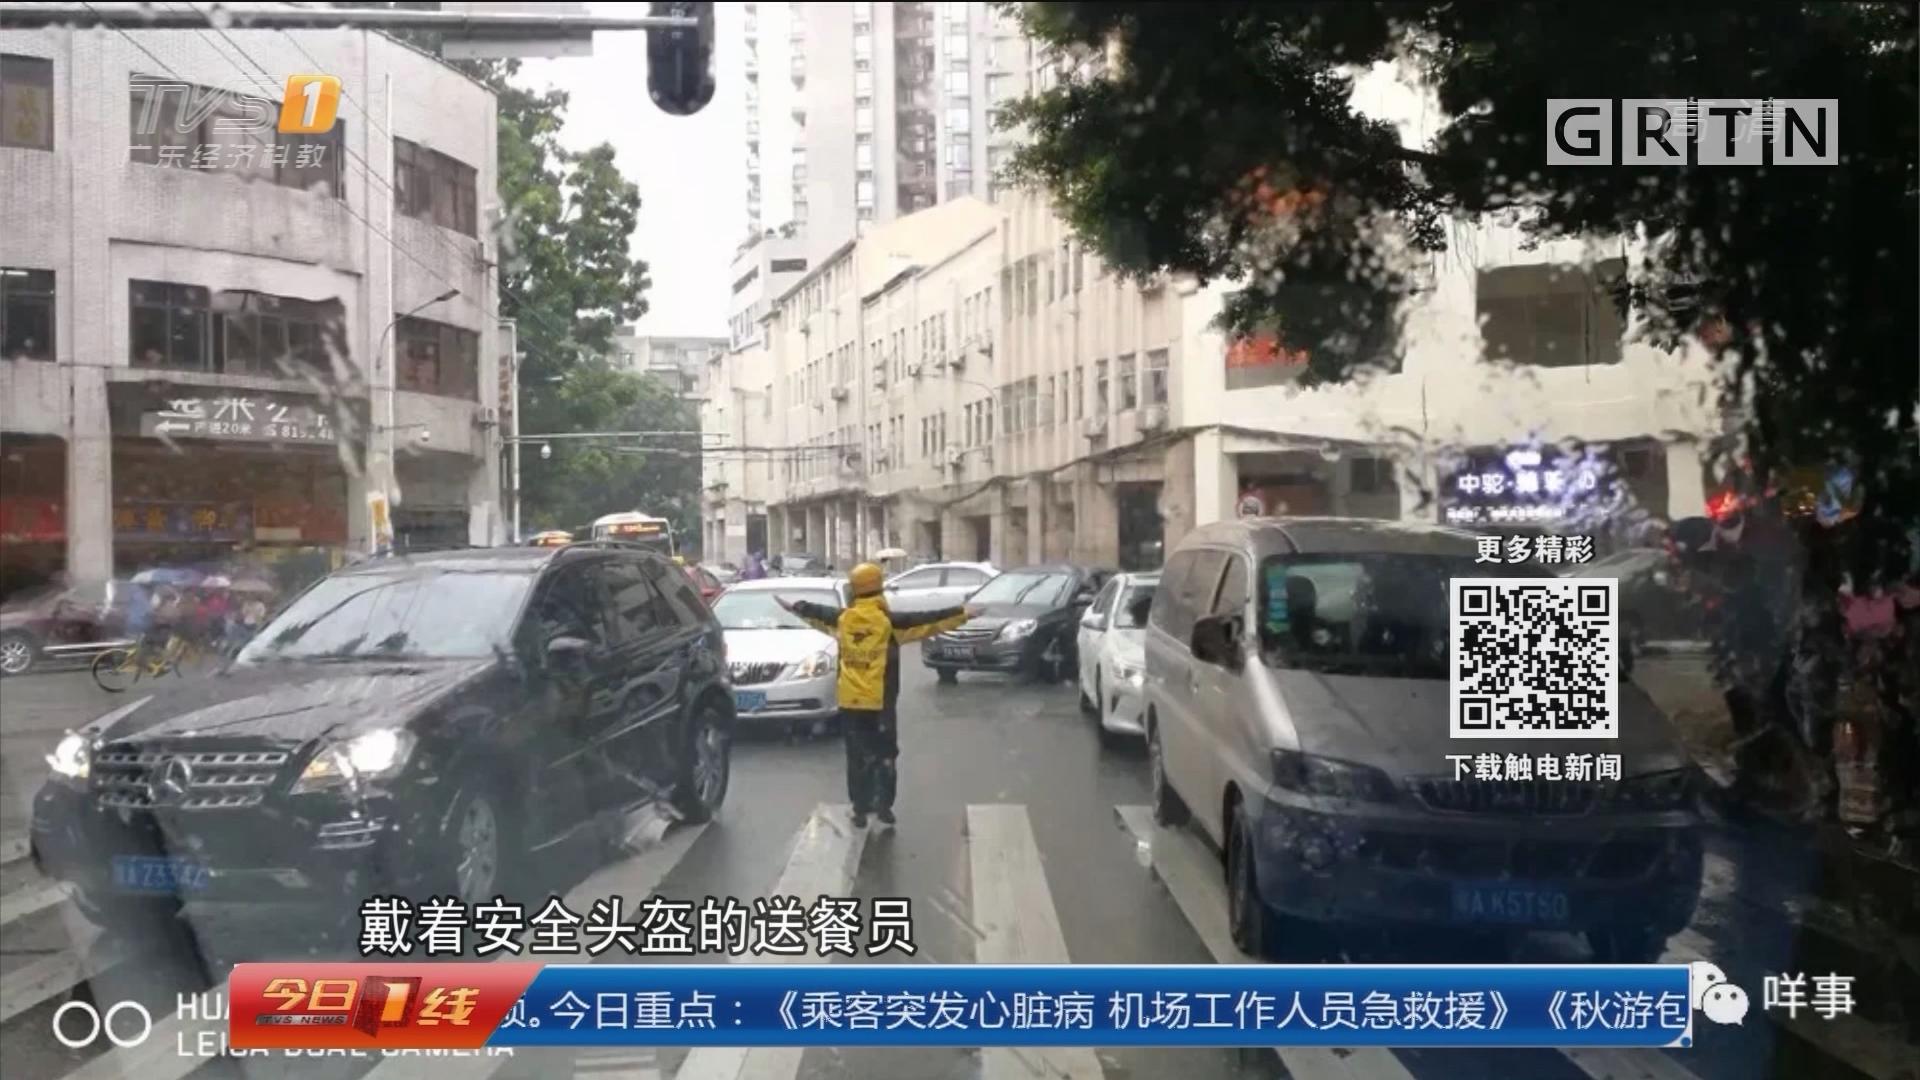 """系列专栏""""温度"""":广州越秀区 雨天救护车被堵 外卖哥疏导交通"""